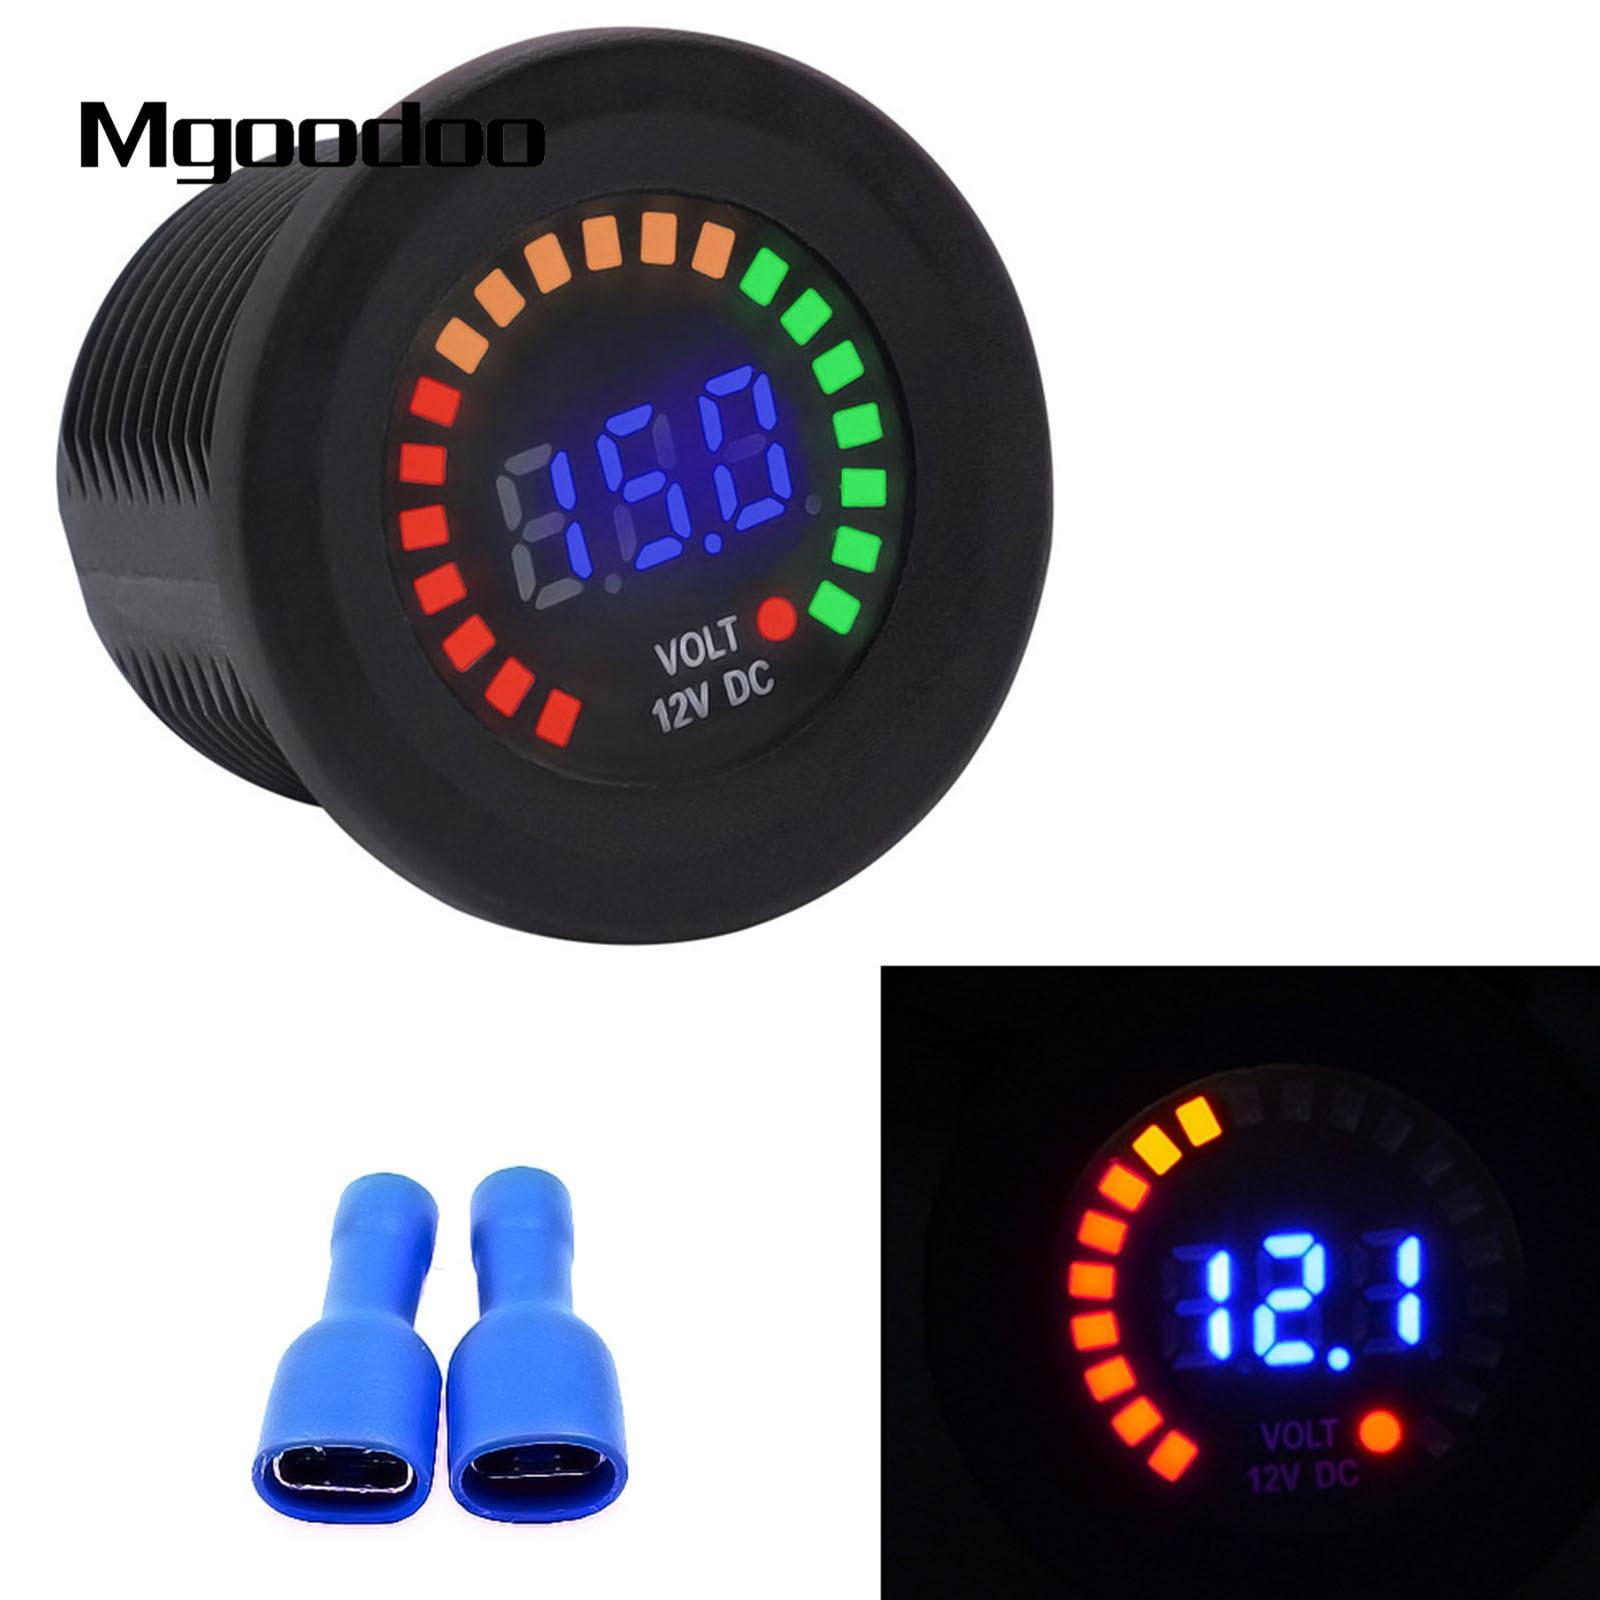 Blue Led Meter : Mgoodoo car motorcycle waterproof voltmeter blue led